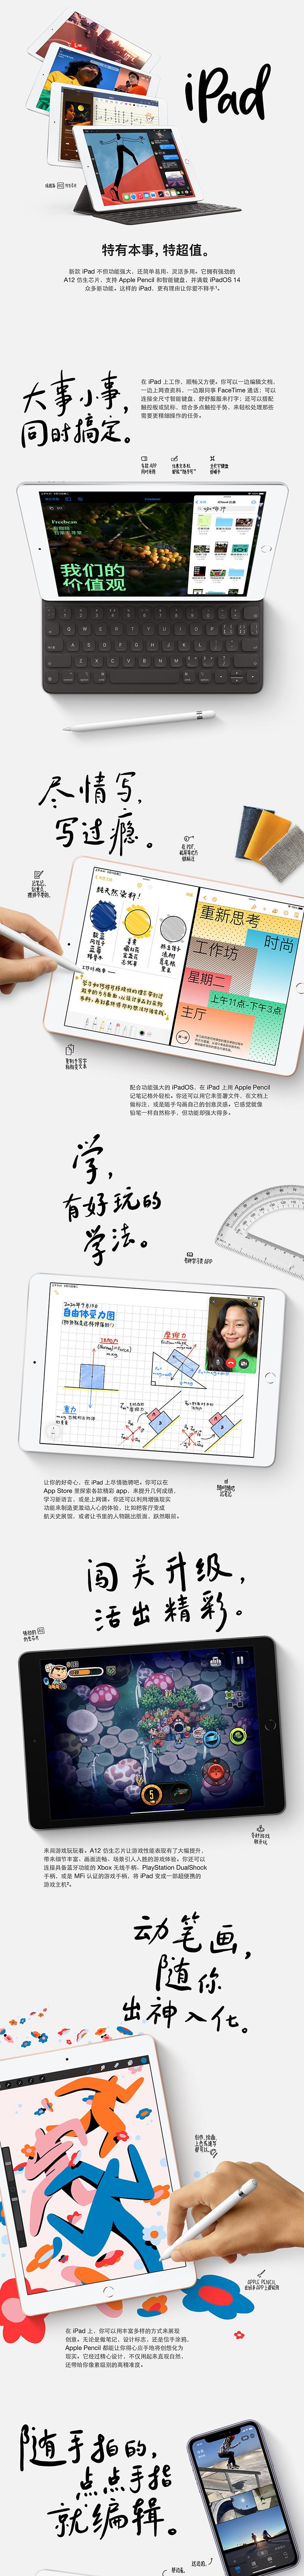 苹果官方旗舰店推出iPad 2020款预购页面 搭载A12仿生芯片2499元起